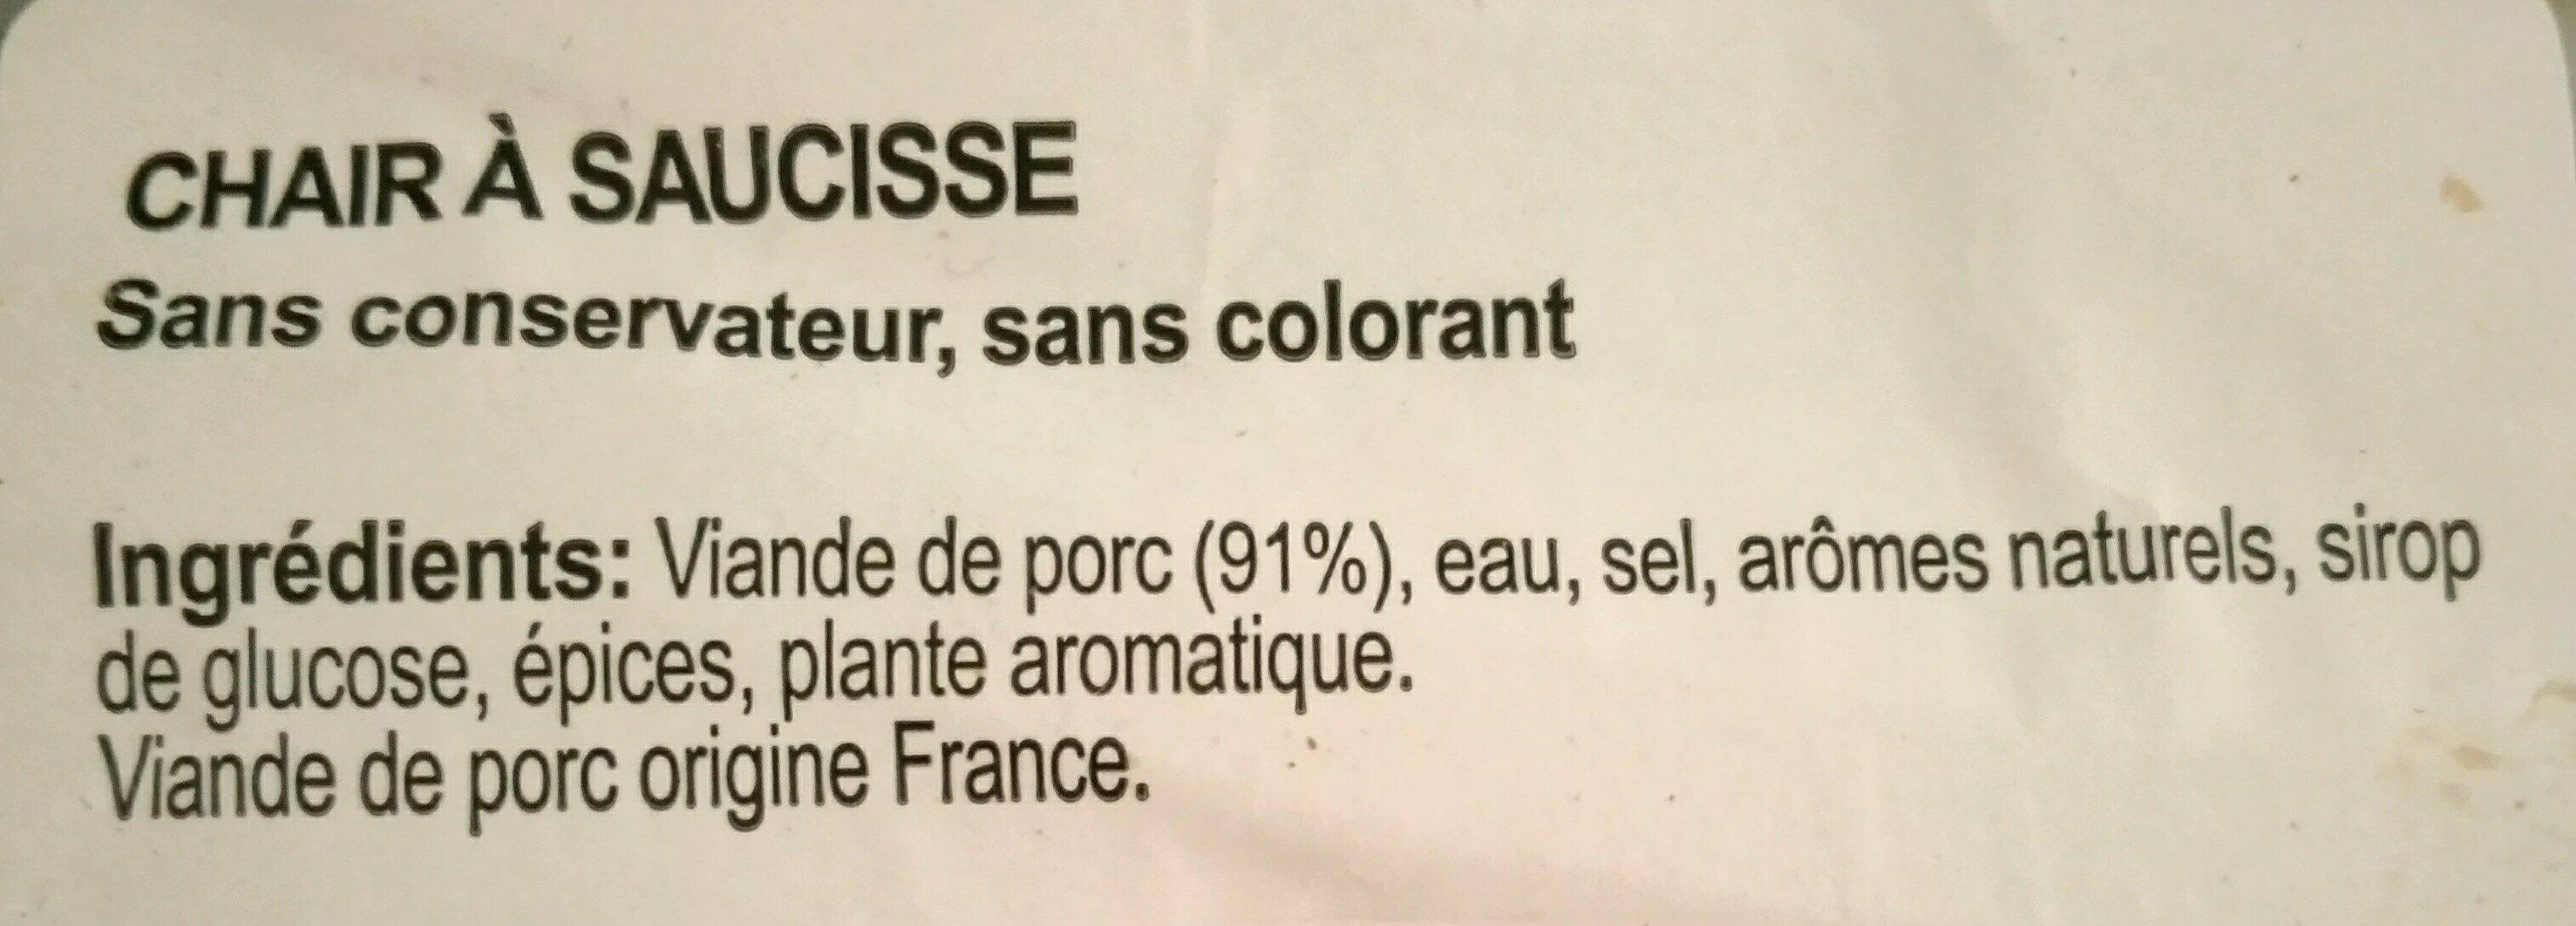 Chair à Saucisse - Ingredients